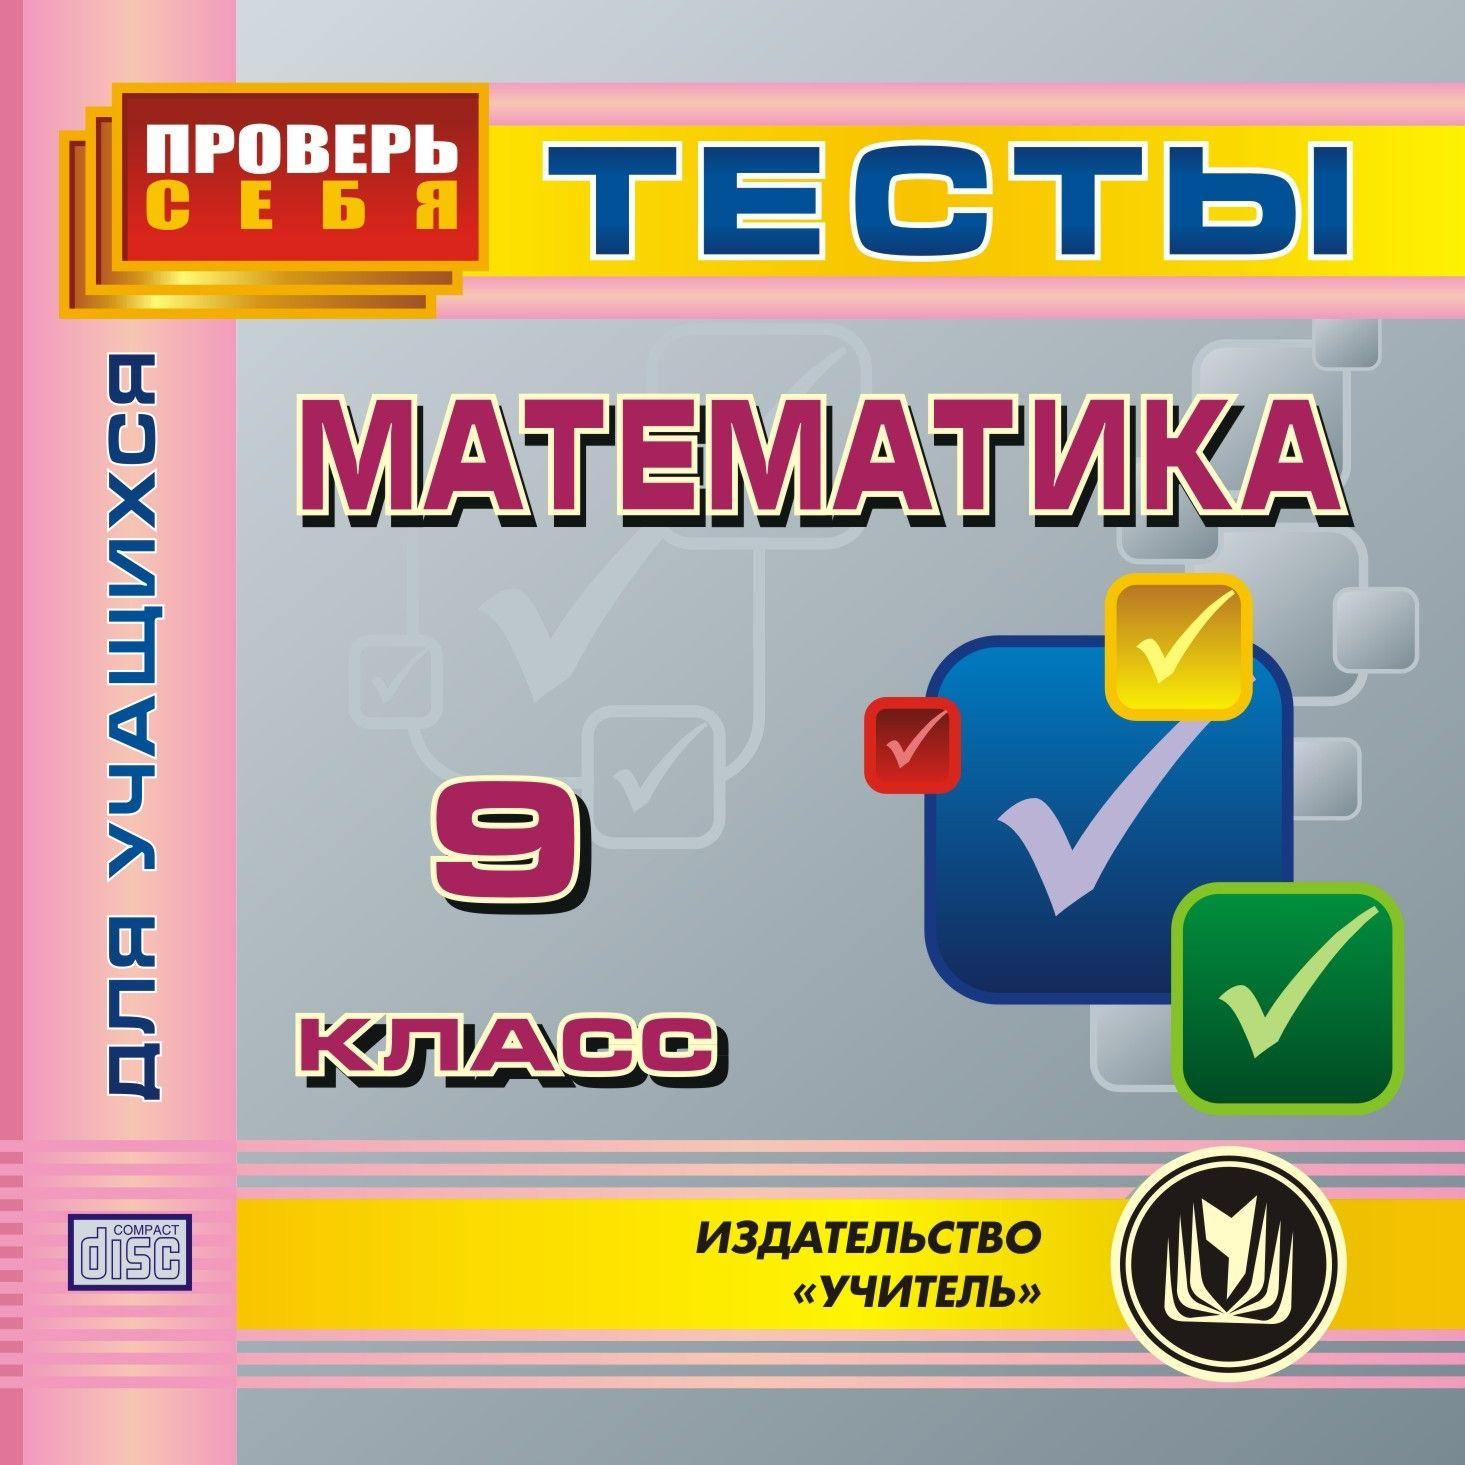 Математика. 9 класс. Тесты для учащихся. Компакт-диск для компьютераСредняя школа<br>В электронном пособии Математика. 9 класс. Тесты для учащихся  содержится ряд тестов, структура и содержание которых соответствует программам по алгебре и геометрии для 9 классов. Компакт-диск создан в помощь учащимся 9 классов, желающим повторить и зак...<br><br>Авторы: Гилярова М. Г.<br>Год: 2011<br>Серия: Проверь себя<br>Высота: 125<br>Ширина: 141<br>Толщина: 10